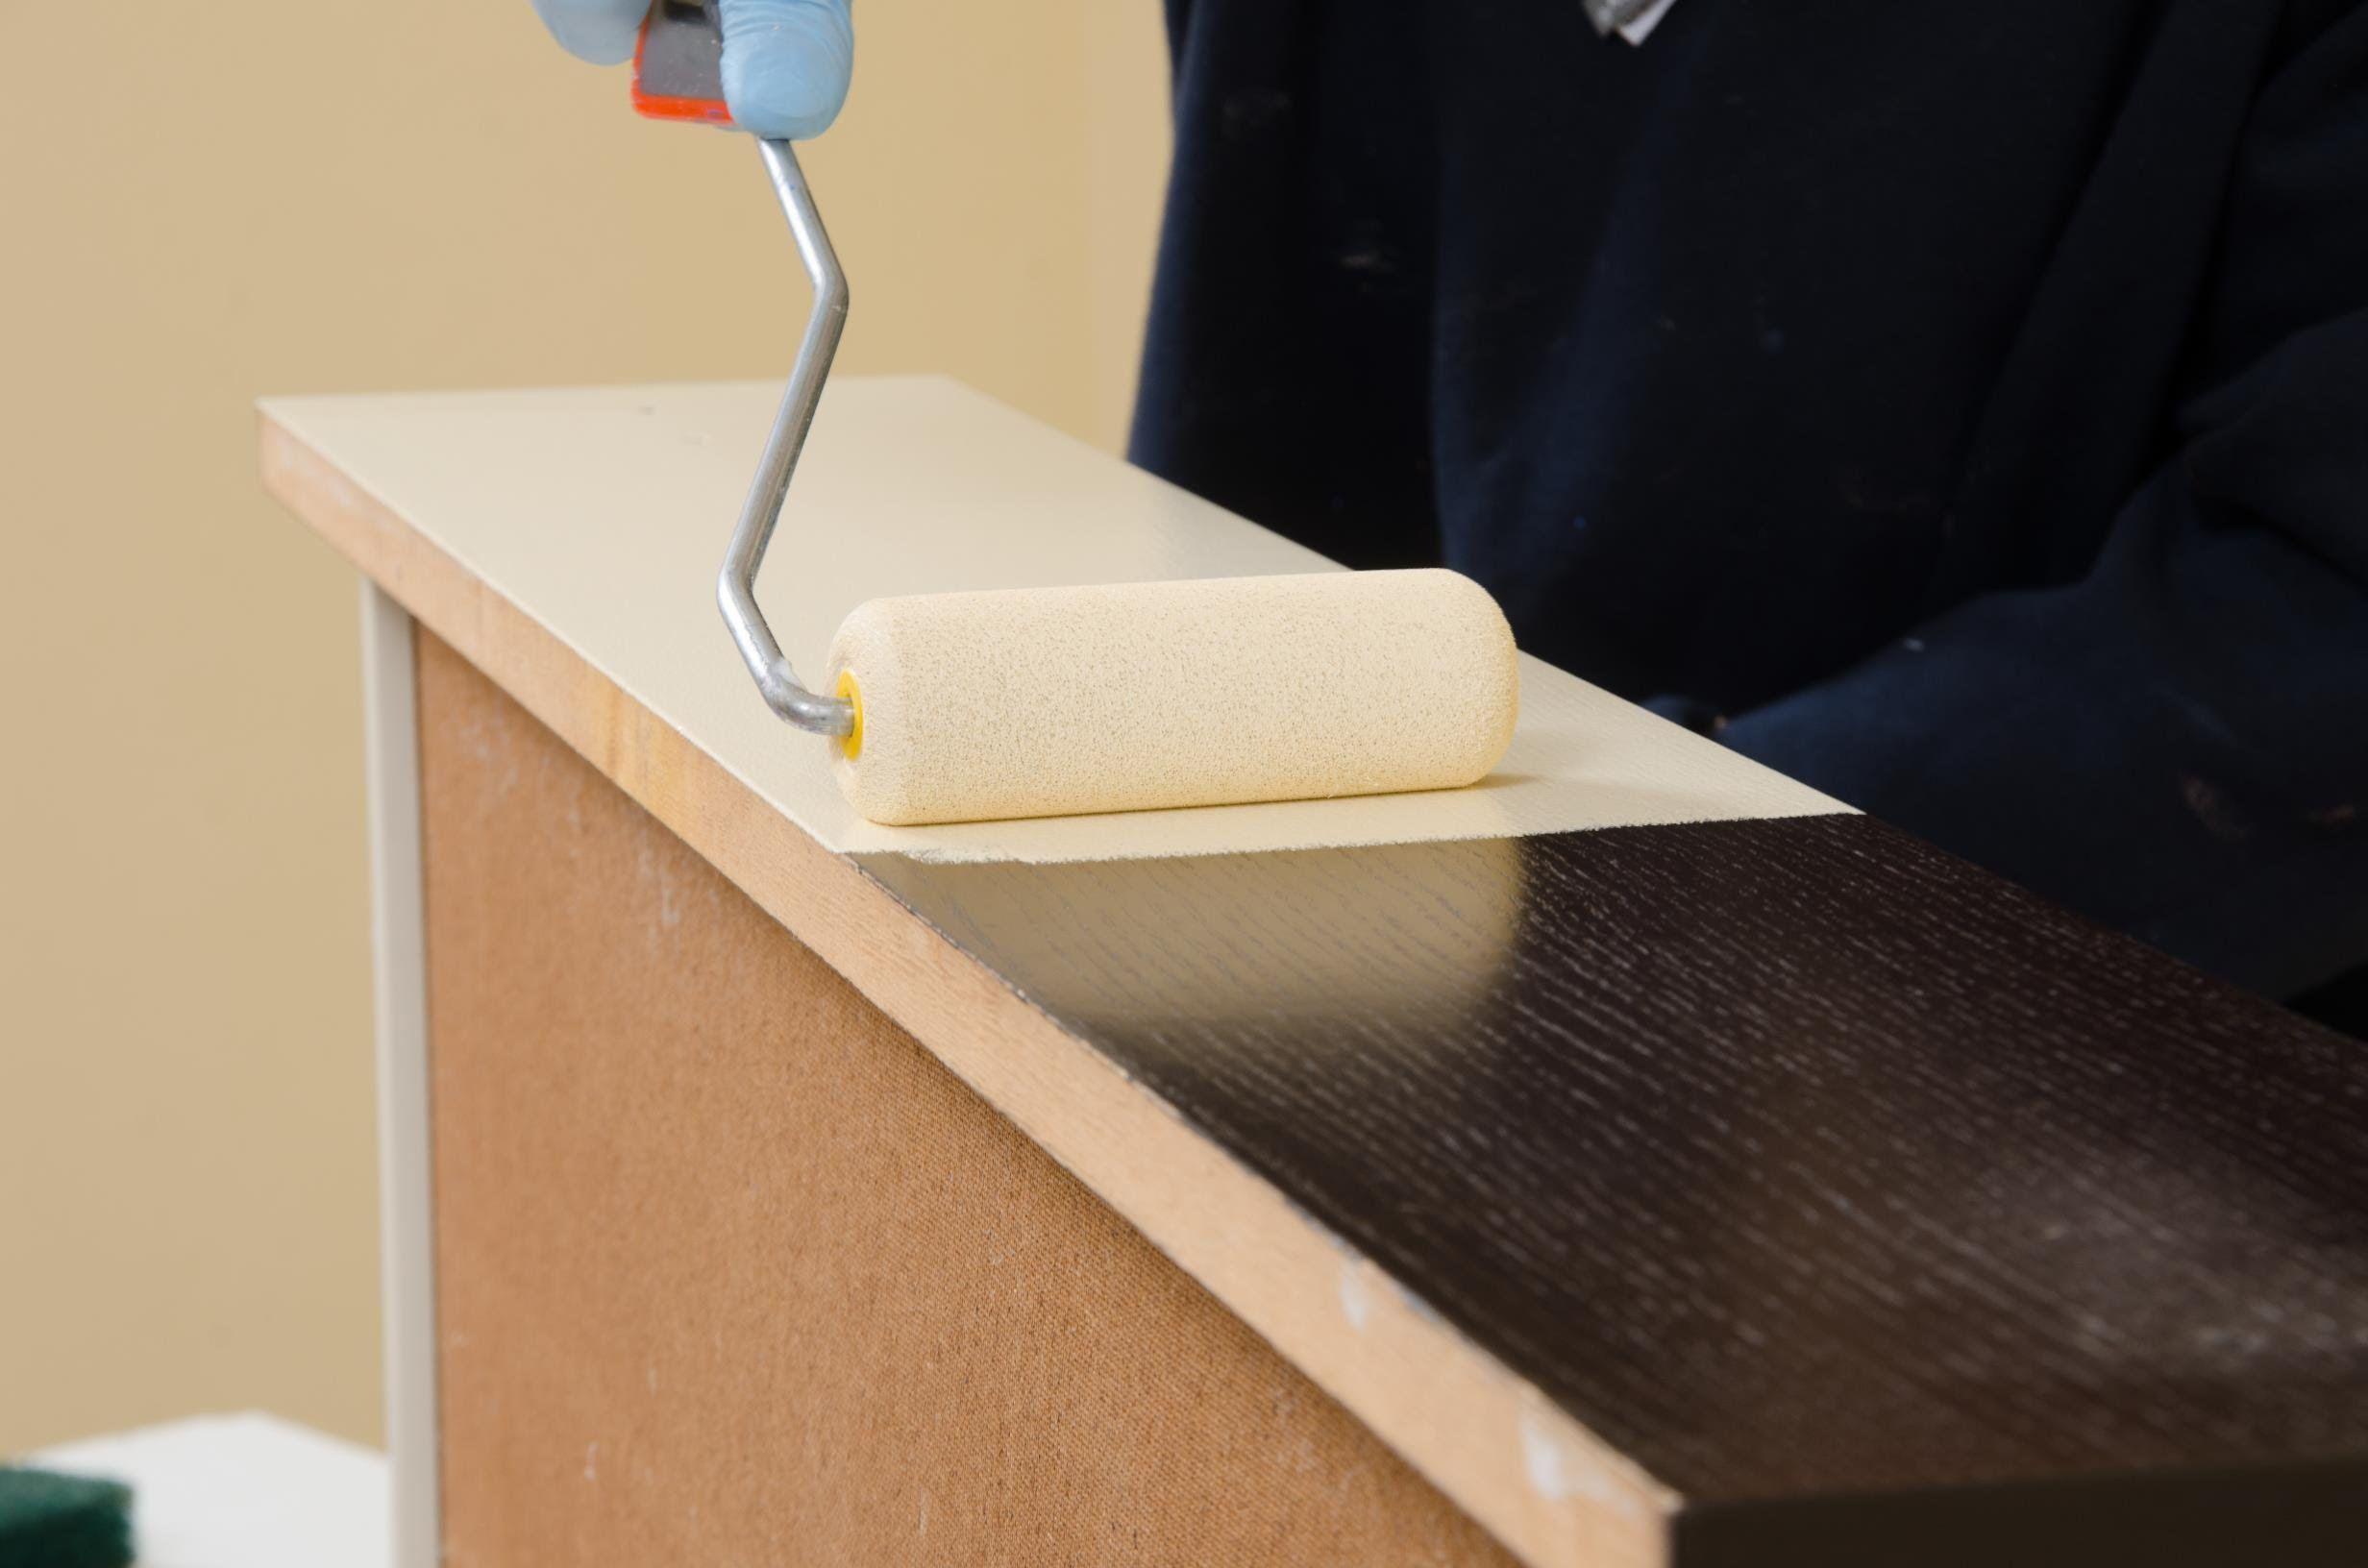 Verniciare Mobili In Legno.Verniciare I Mobili Dellla Camera In Legno Microlegno